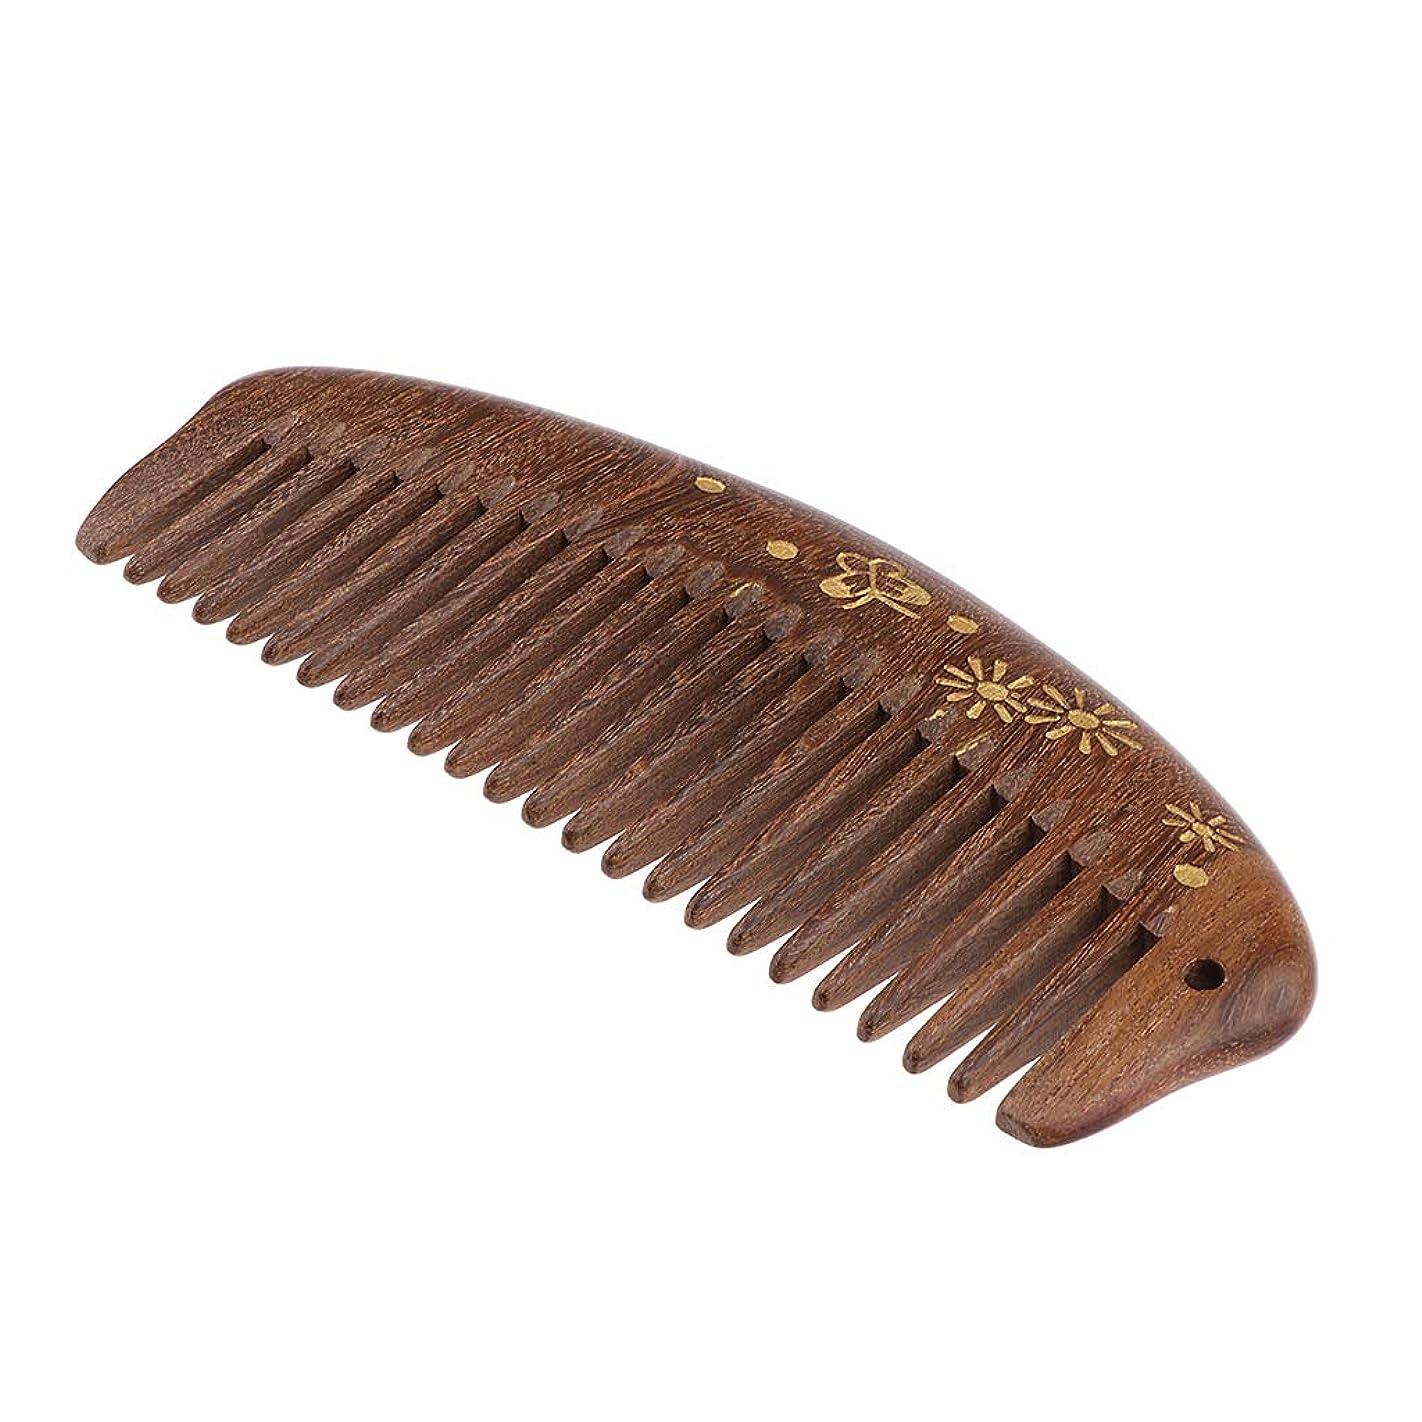 だますイーウェル死ぬP Prettyia 帯電防止櫛 ウッドコーム 櫛 頭皮マッサージ 携帯便利 3仕様選べ - 中歯